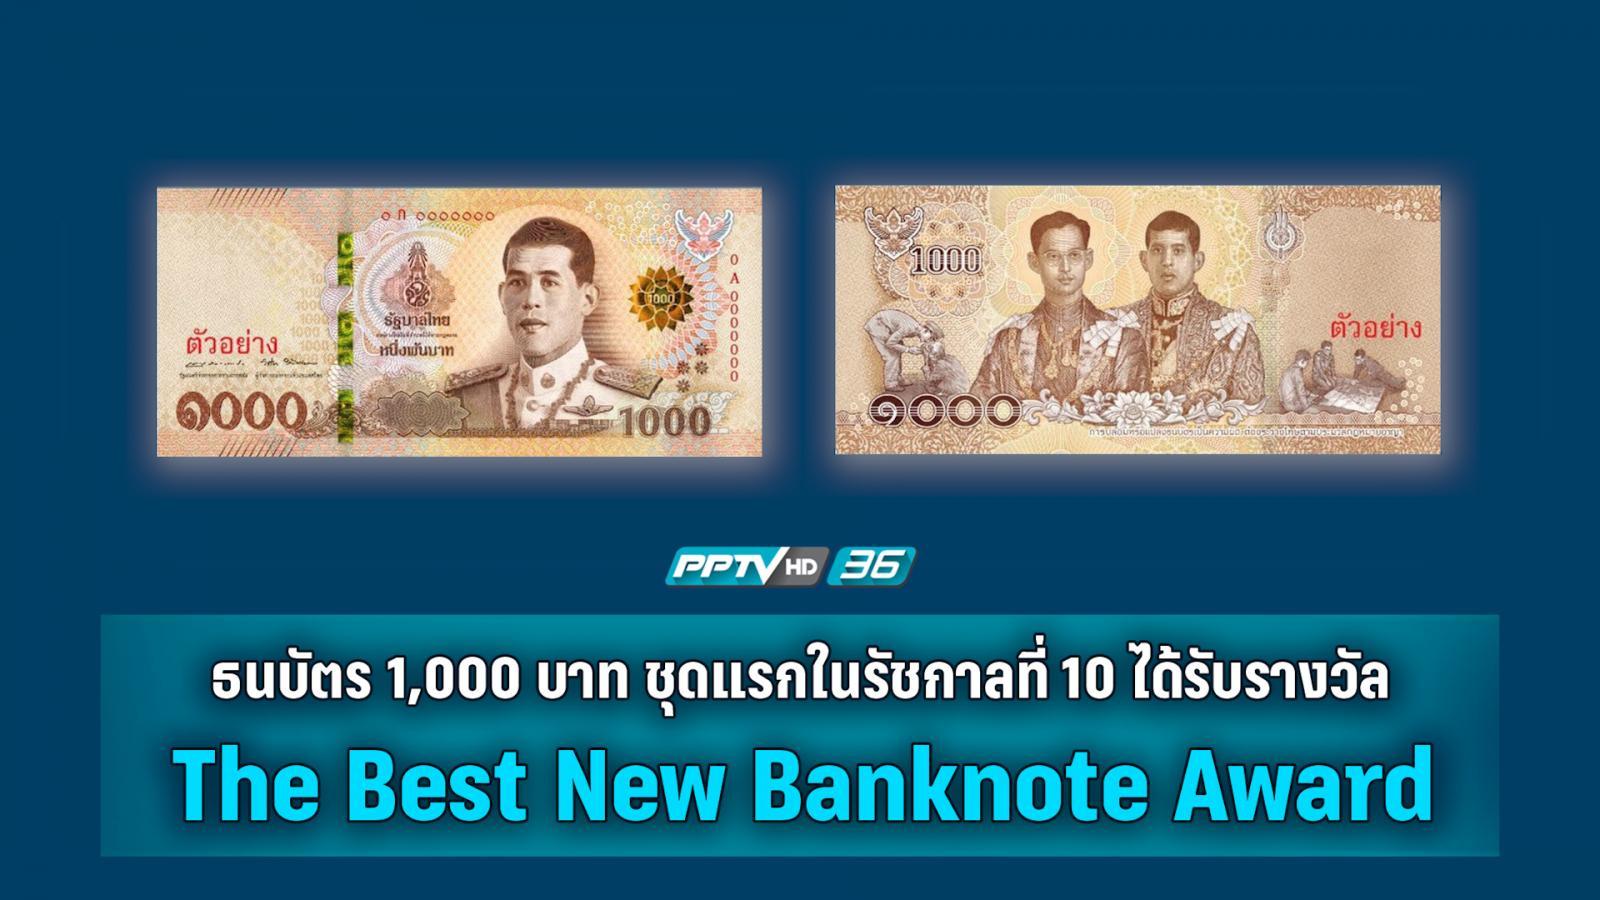 ธนบัตร 1,000 บาท ชุดแรกในรัชกาลที่ 10 ได้รับรางวัล  The Best New Banknote Award